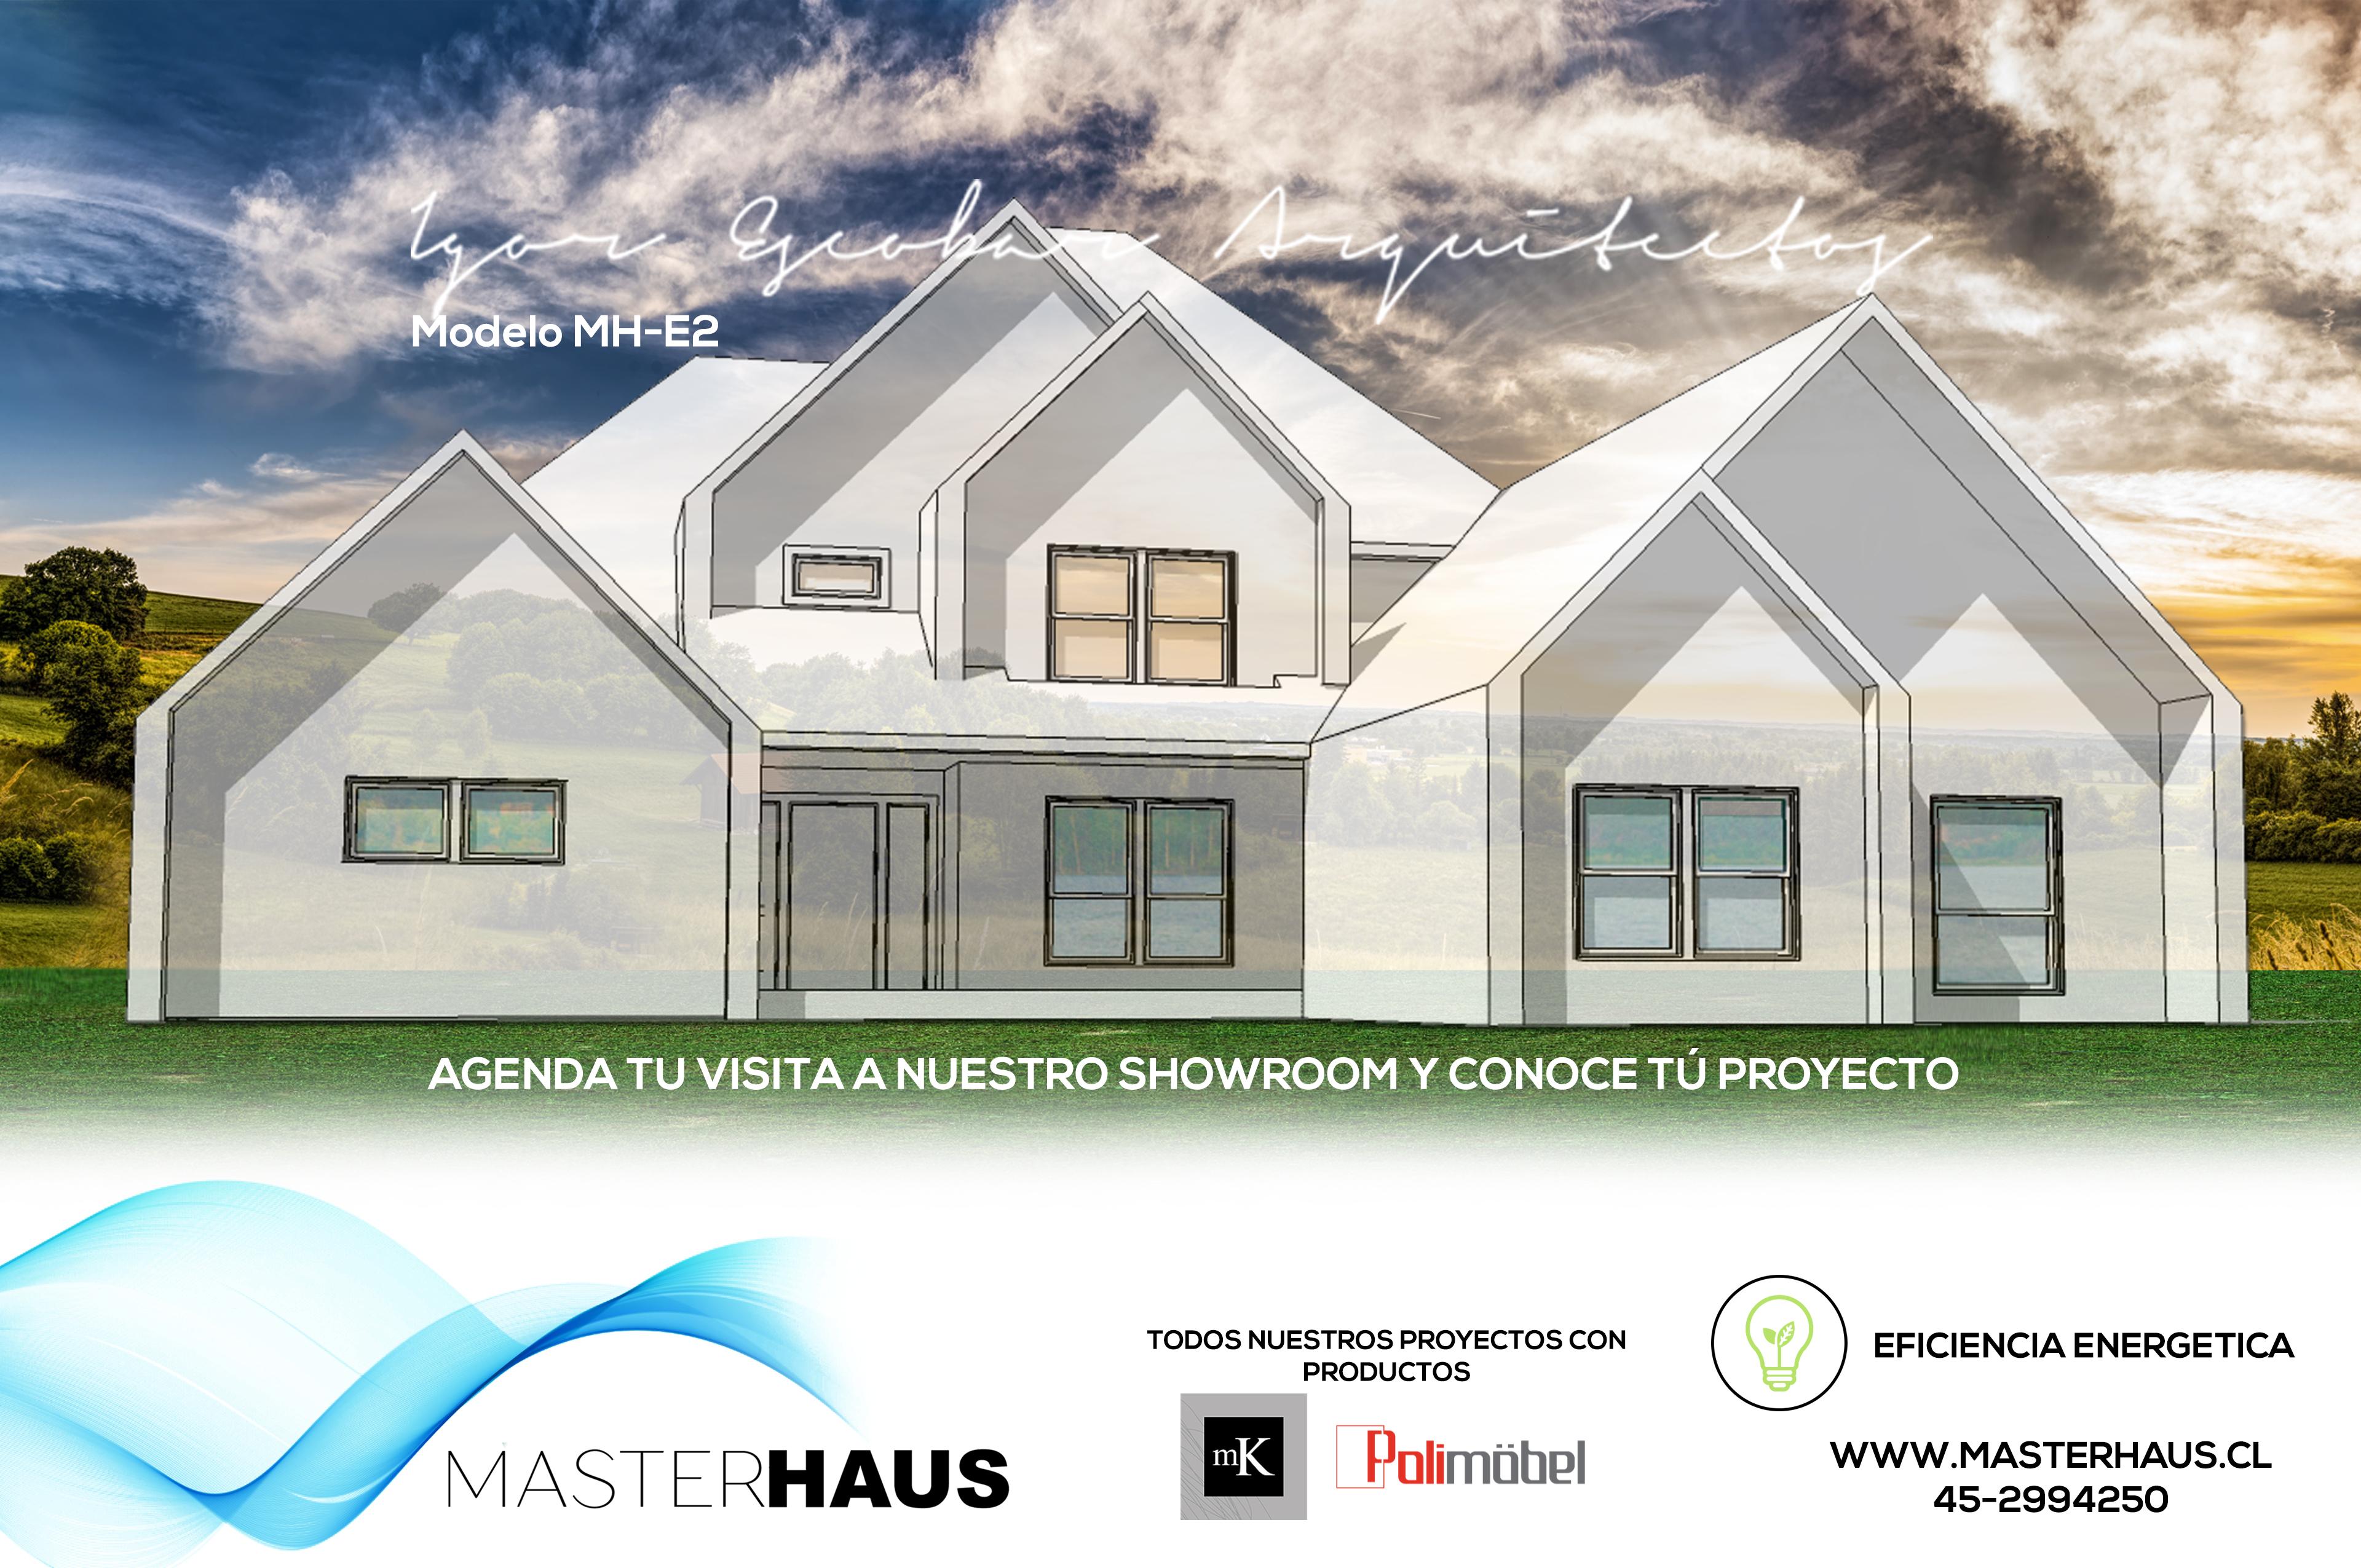 Masterhaus/IEA mod. MH-E2